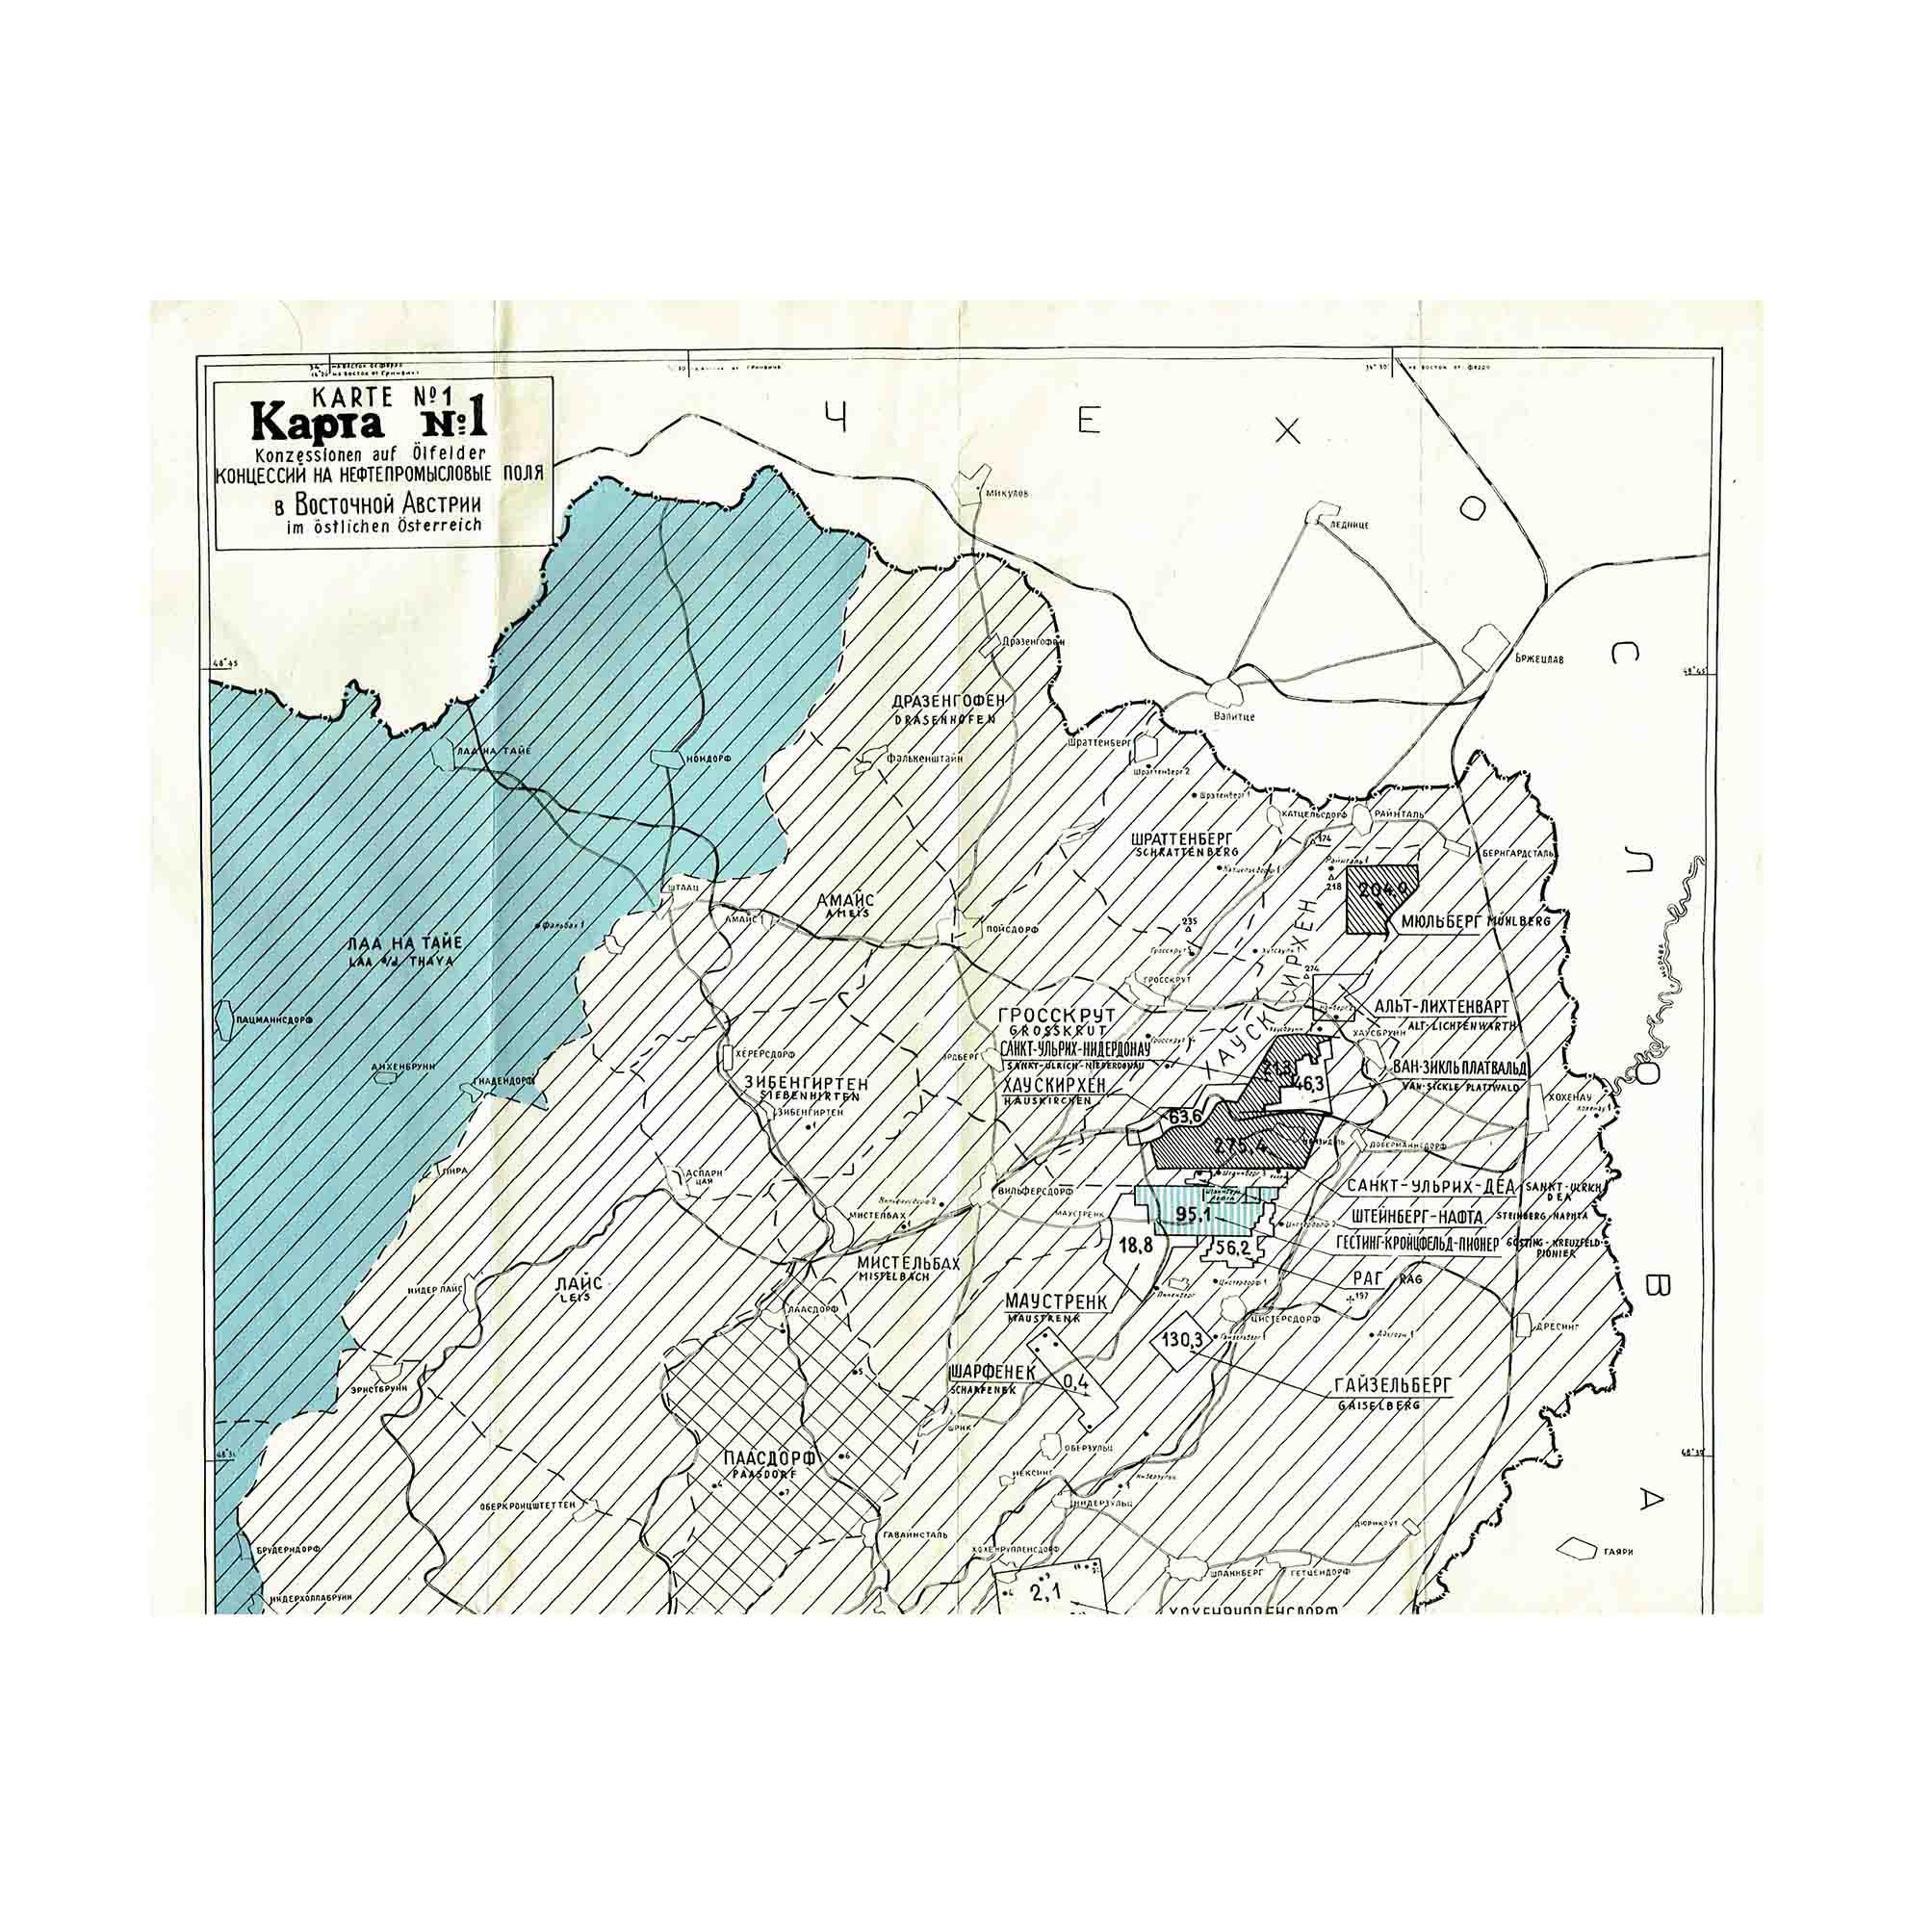 5980 Karte Sowjet Ölfelder Niederösterreich 1948 Ausschnitt 1 N